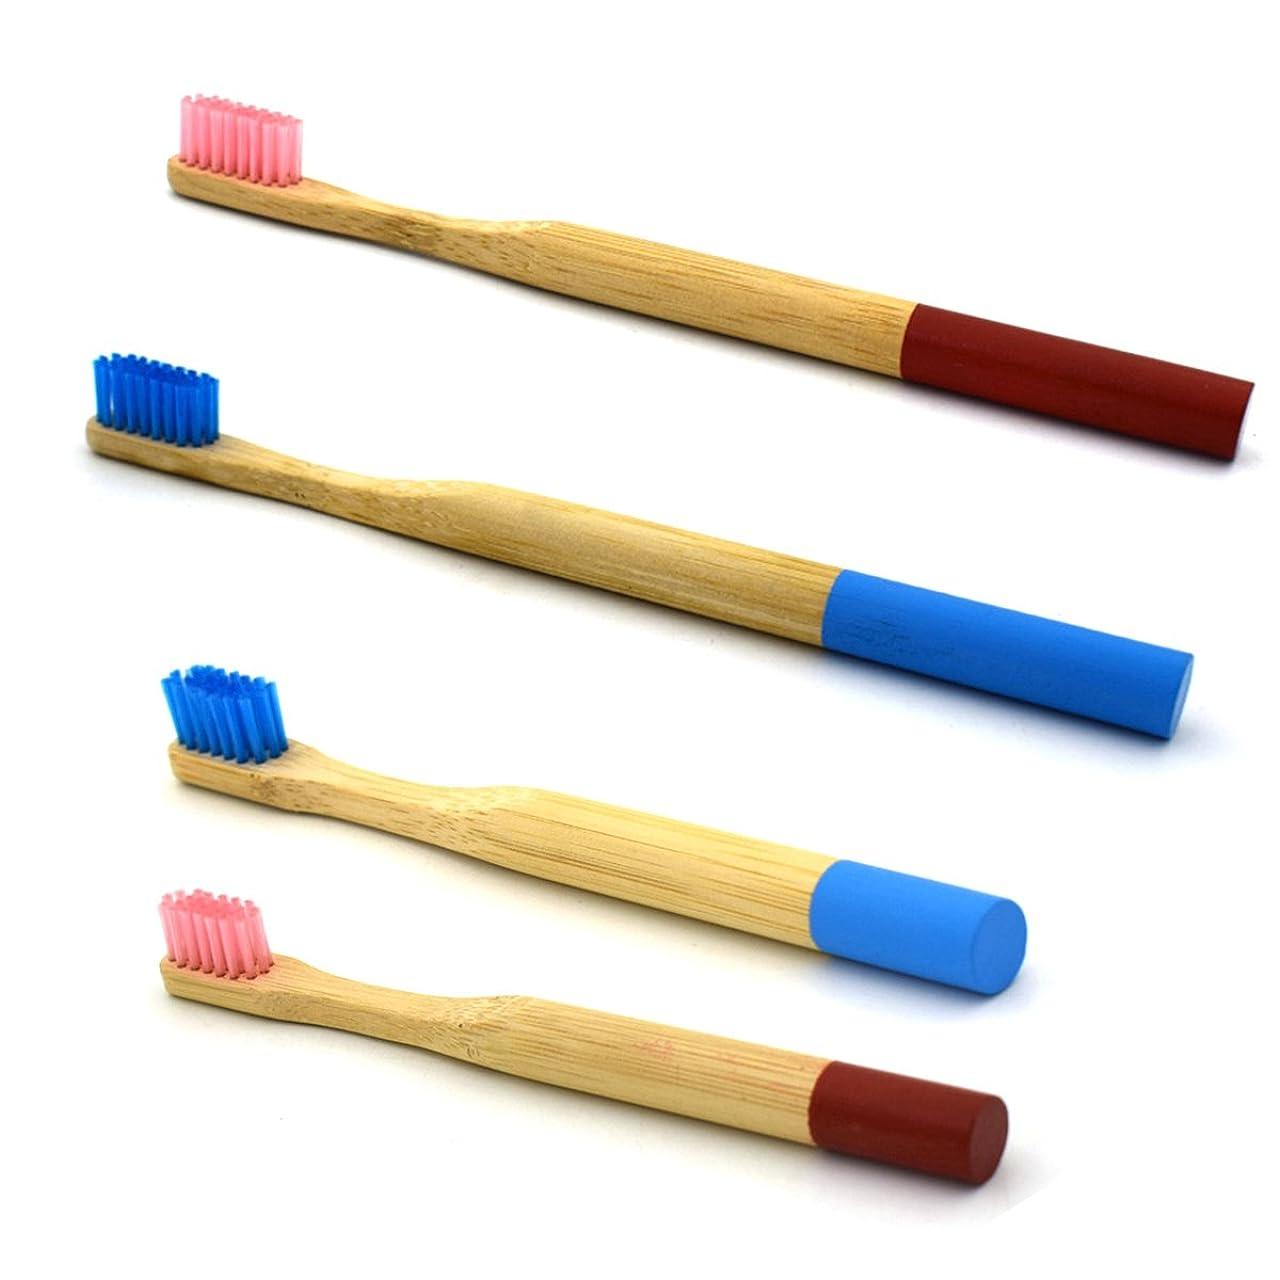 複数もっと土砂降りHEALLILY ラウンドハンドルエコフレンドリーソフト剛毛歯ブラシ(ブルーとピンク) - 大人と子供と4個の天然竹製の歯ブラシ